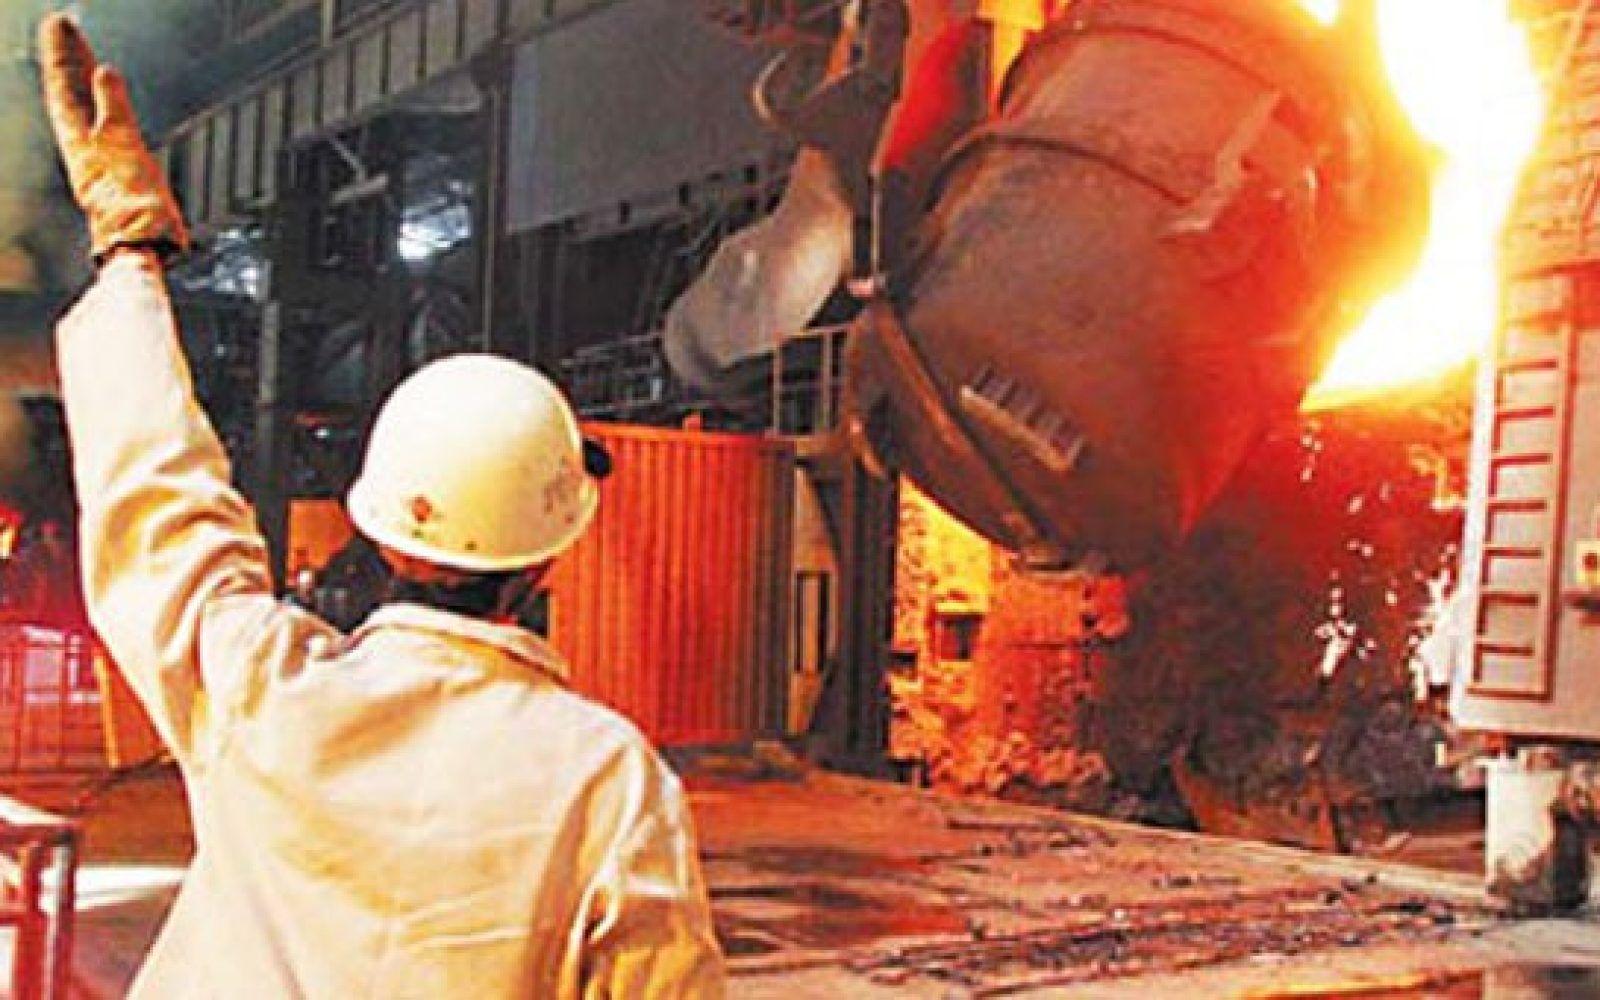 بعد قرار تصفية شركة الحديد والصلب.. بيان رسمي بقيمة التعويضات للعاملين بالشركة 3